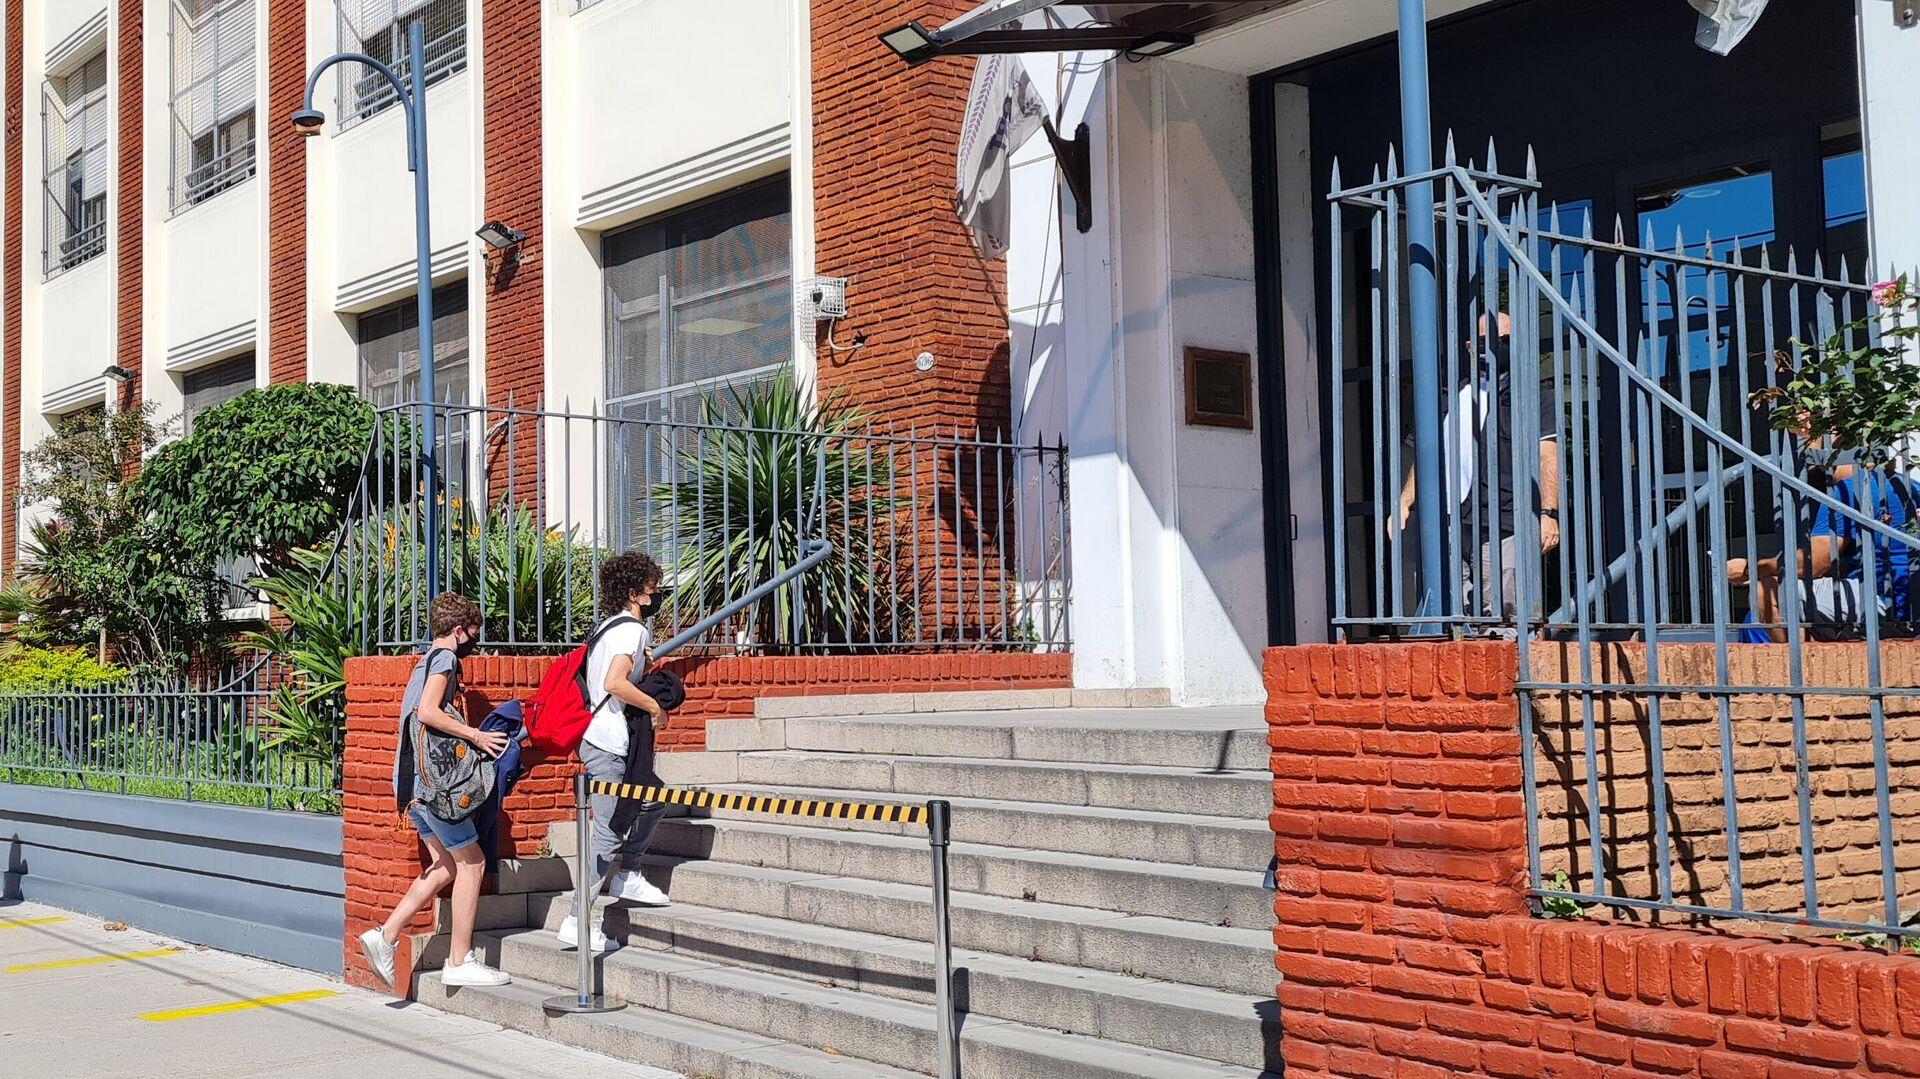 El Gobierno porteño autorizó las clases en las escuelas en rechazo al decreto presidencial - Sputnik Mundo, 1920, 06.10.2021